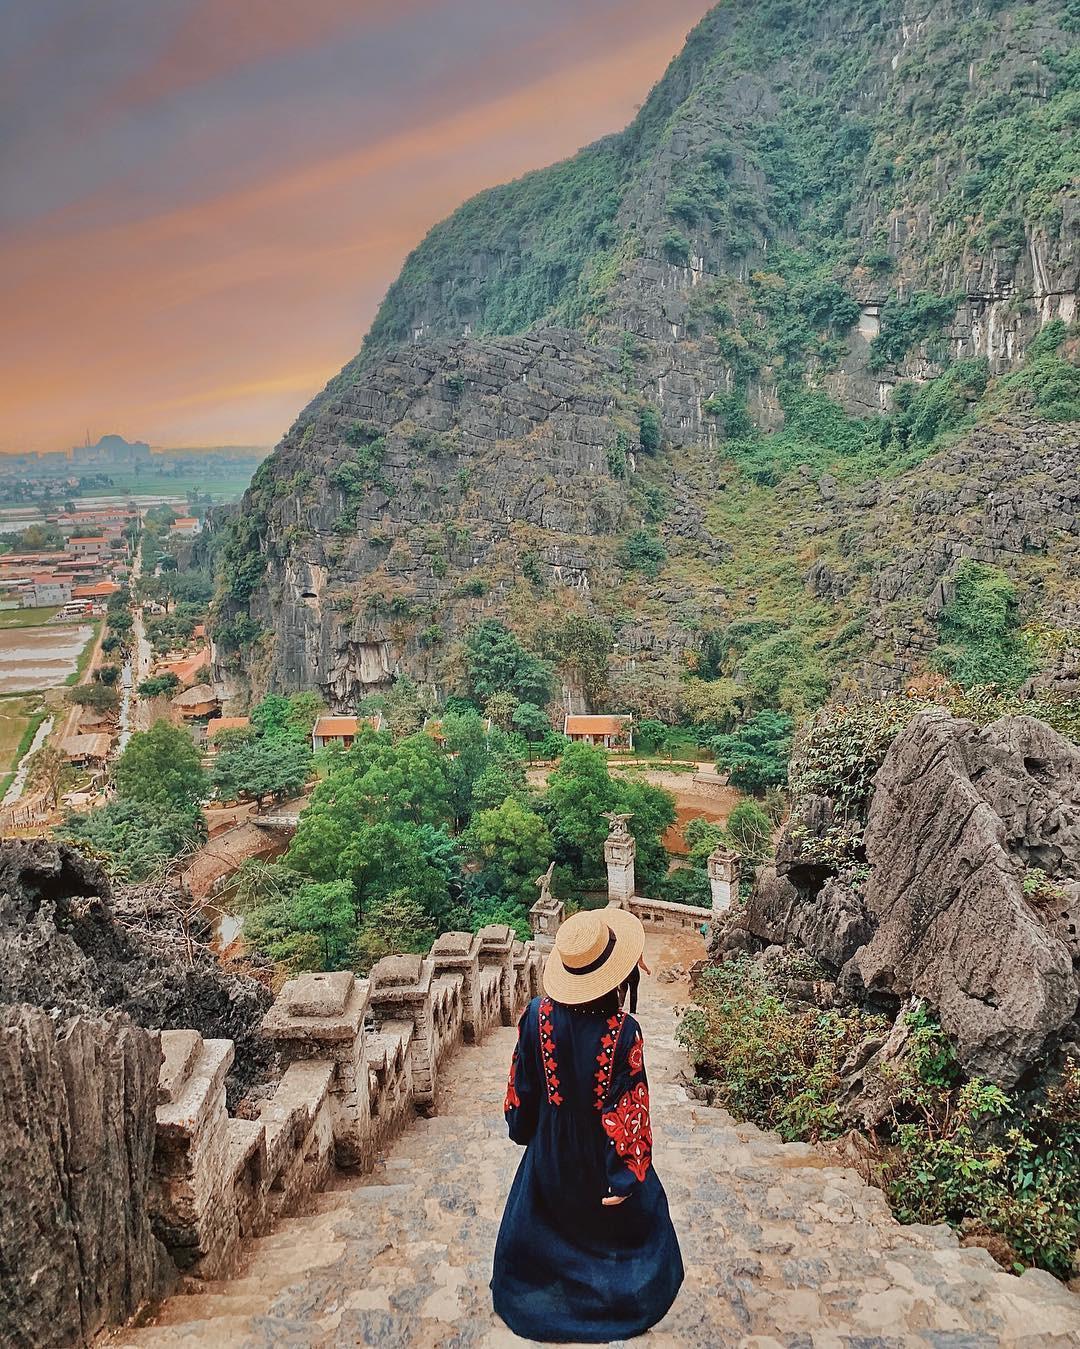 Hang Múa mờ ảo, khác biệt trong ảnh chỉnh sửa của giới trẻ Việt Ảnh 9